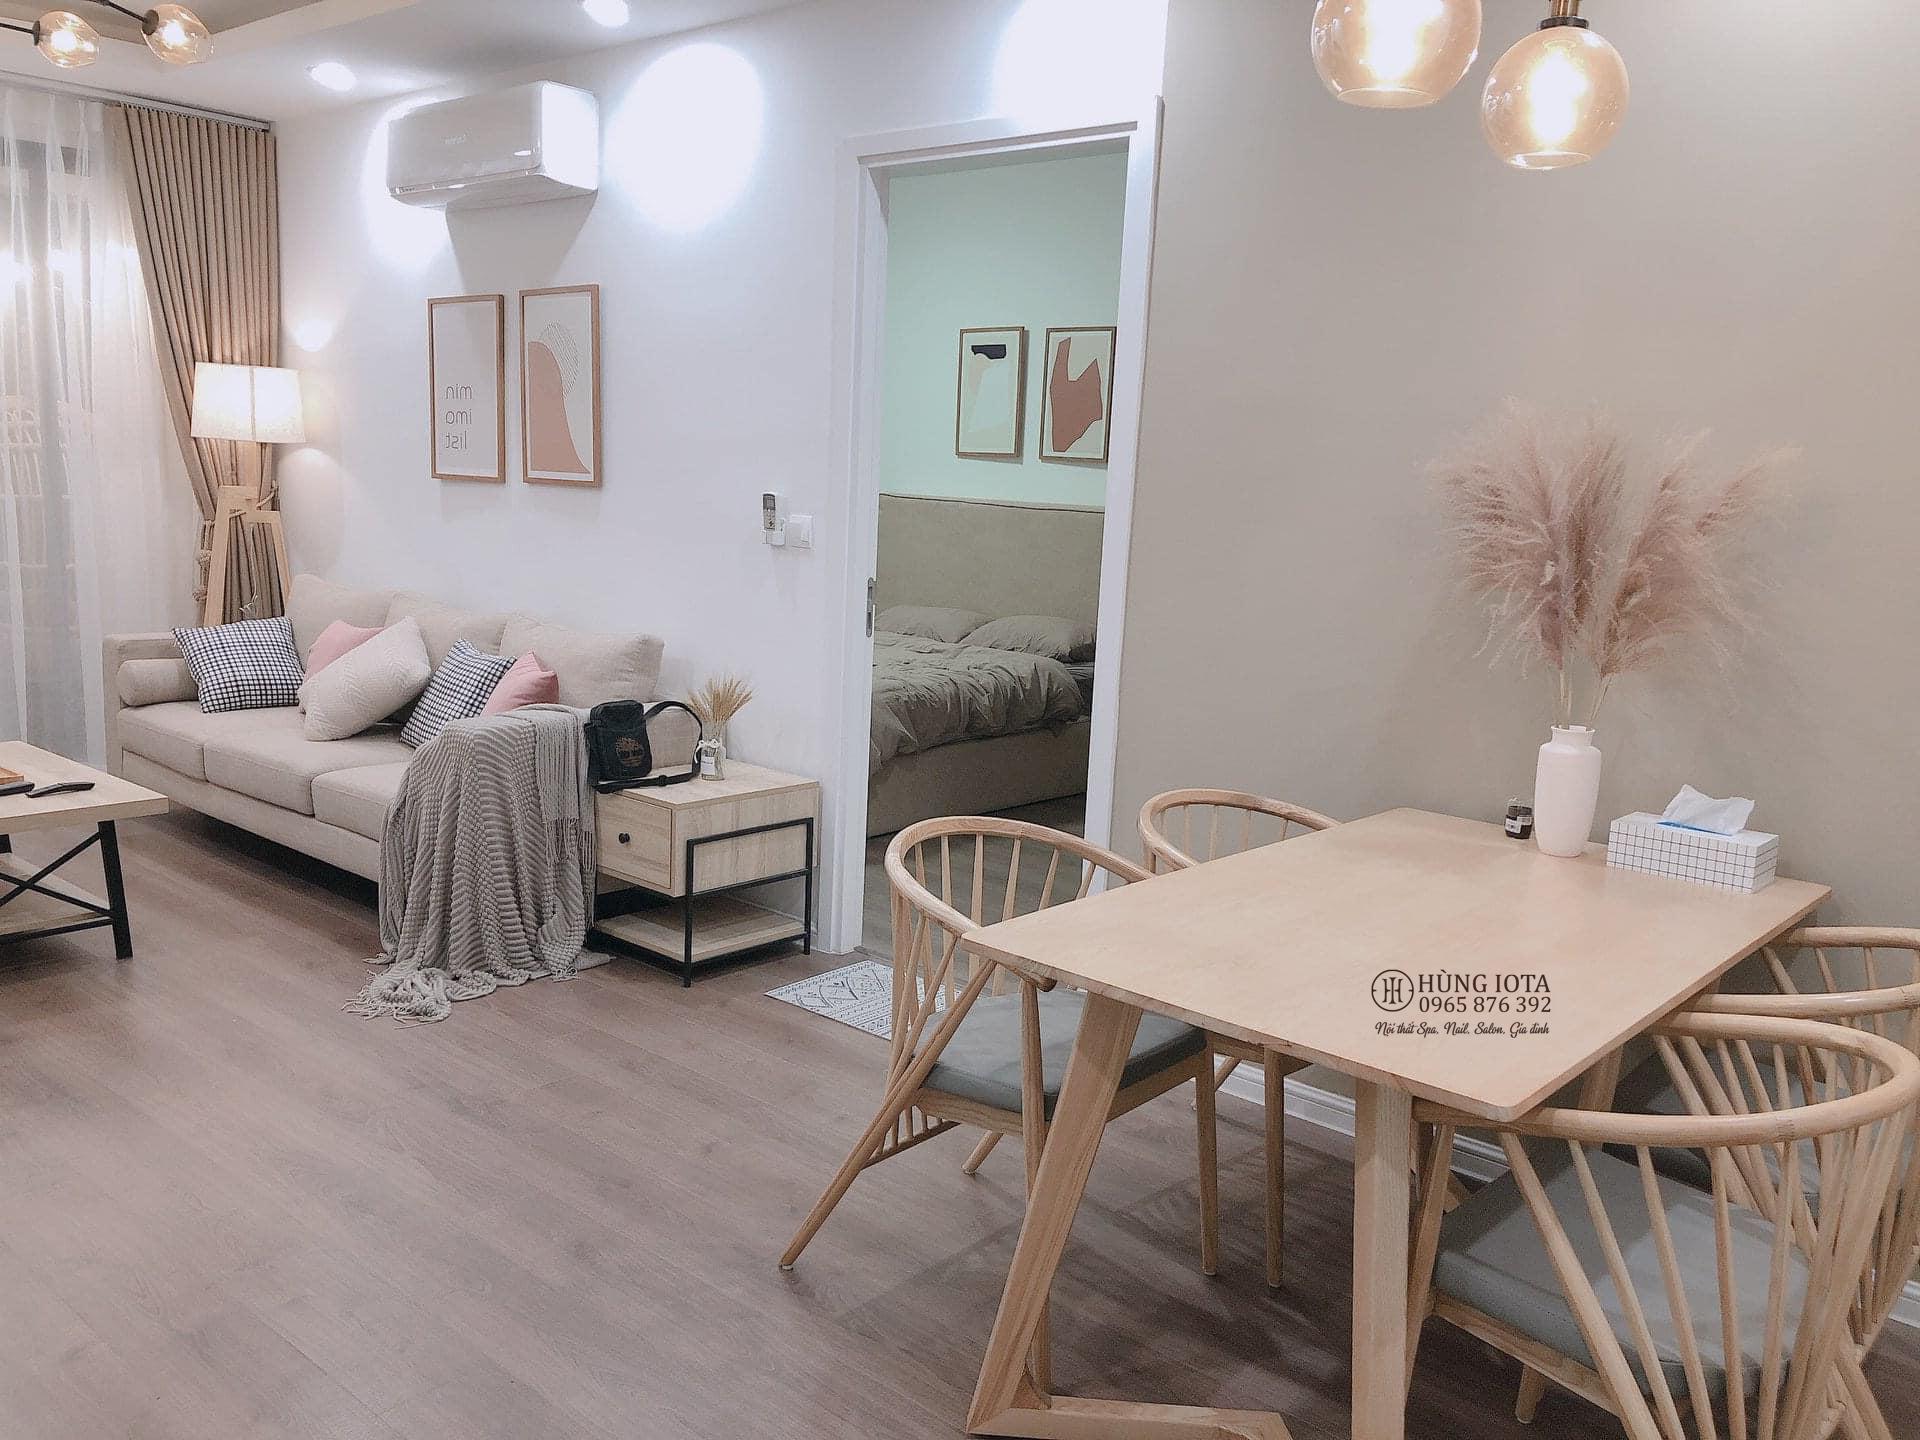 Sofa decor chung cư đơn giản đẹp giá rẻ